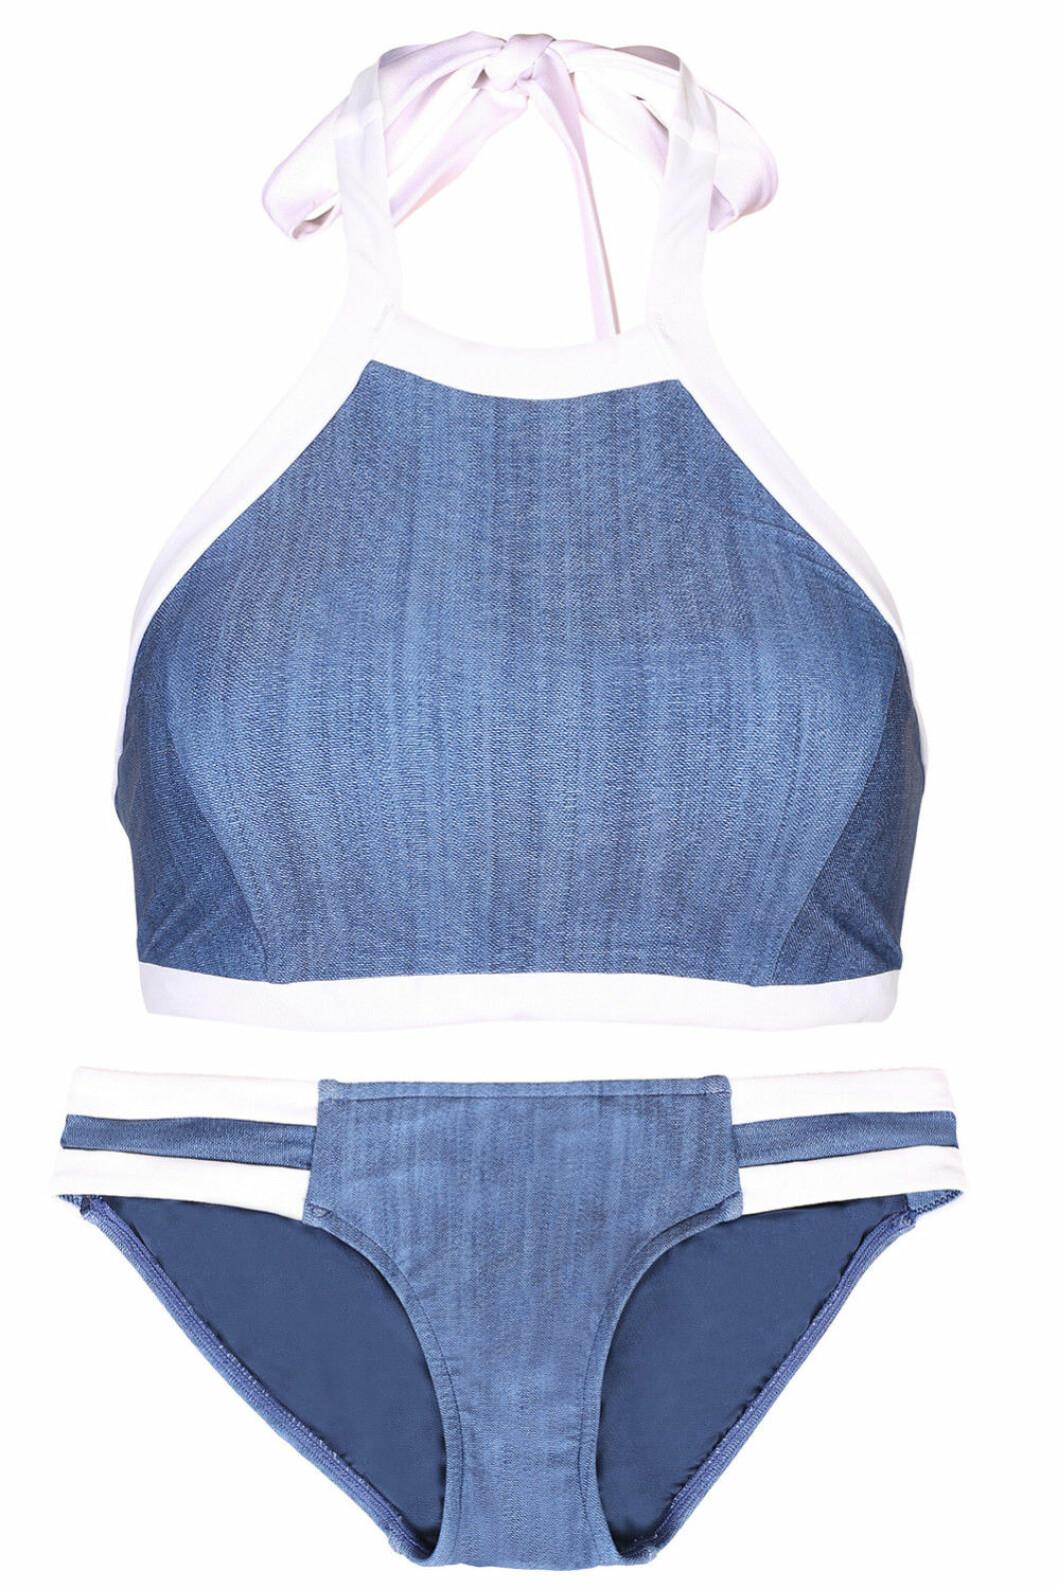 köpa snygg bikini 2017